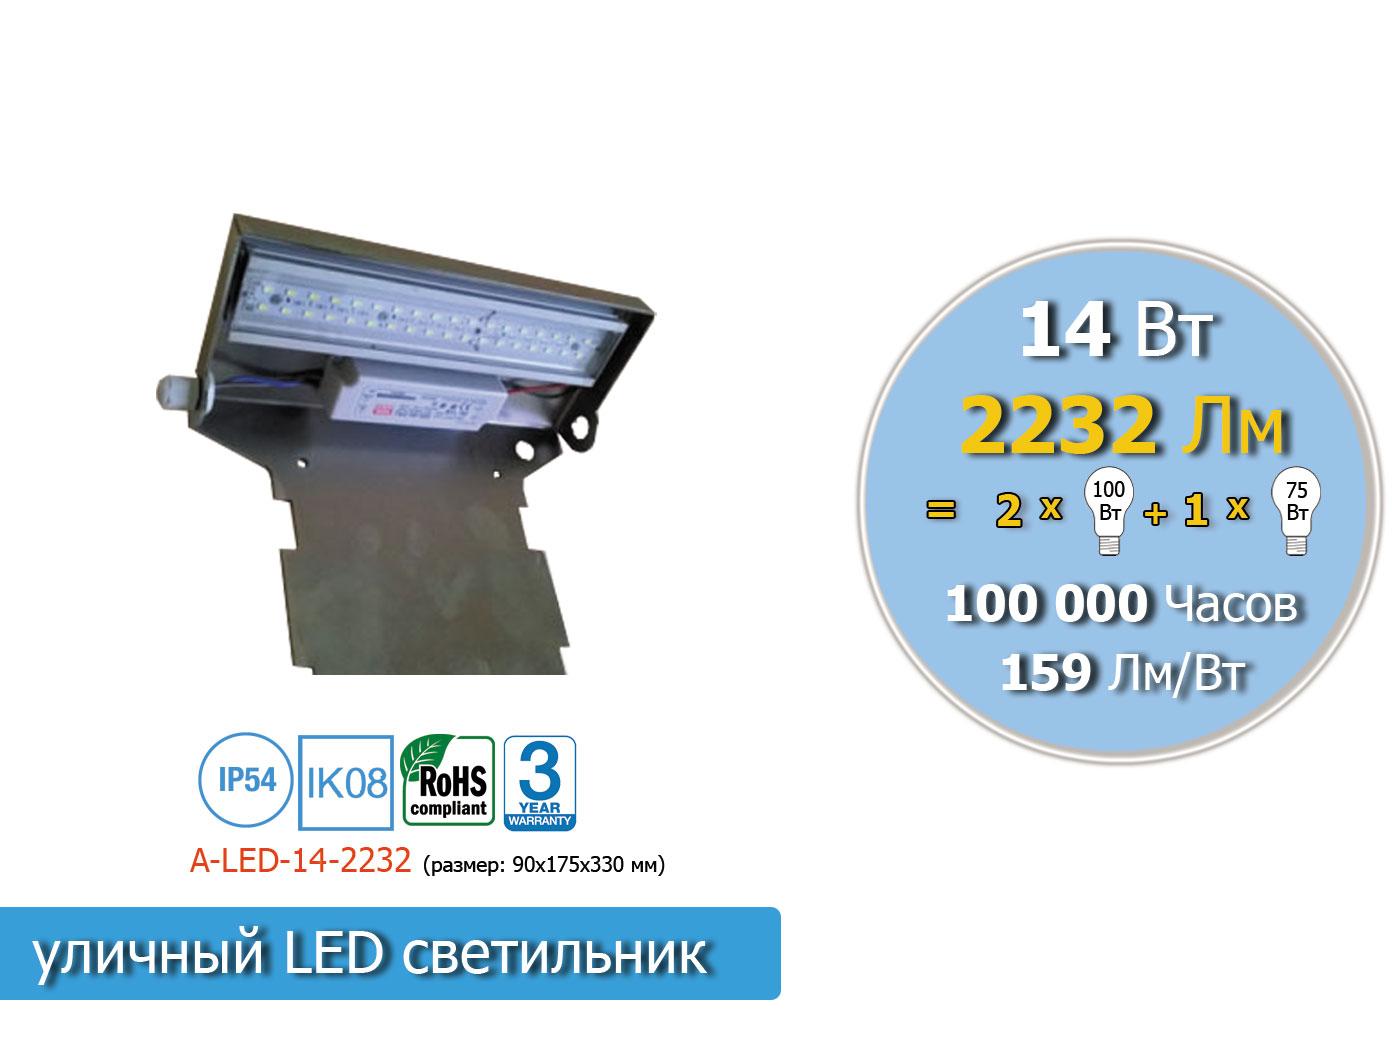 A-LED-14-2232-С